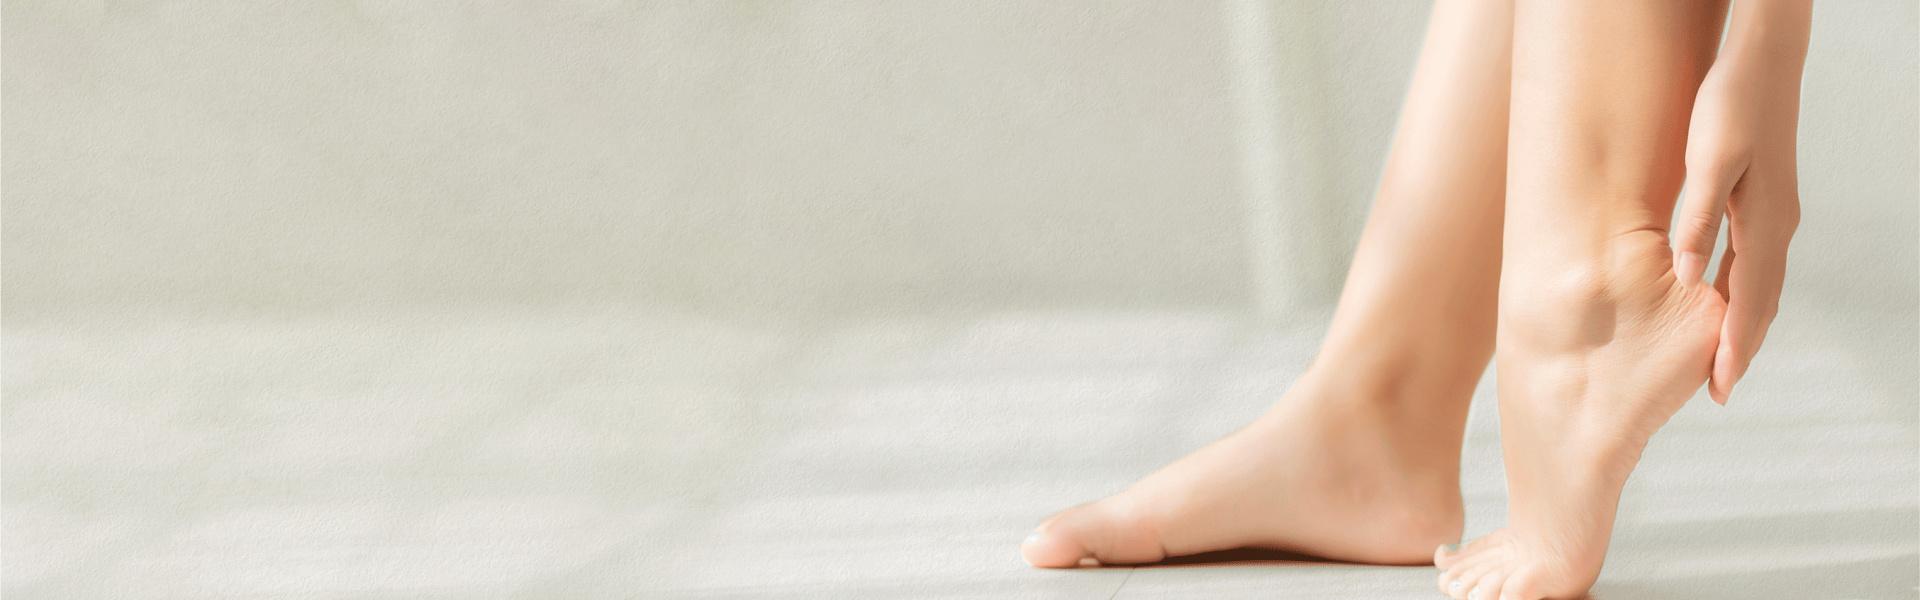 <p>¿Sabías que la fascitis plantar<br /> es una de las principales causas<br /> del dolor de talón?</p>